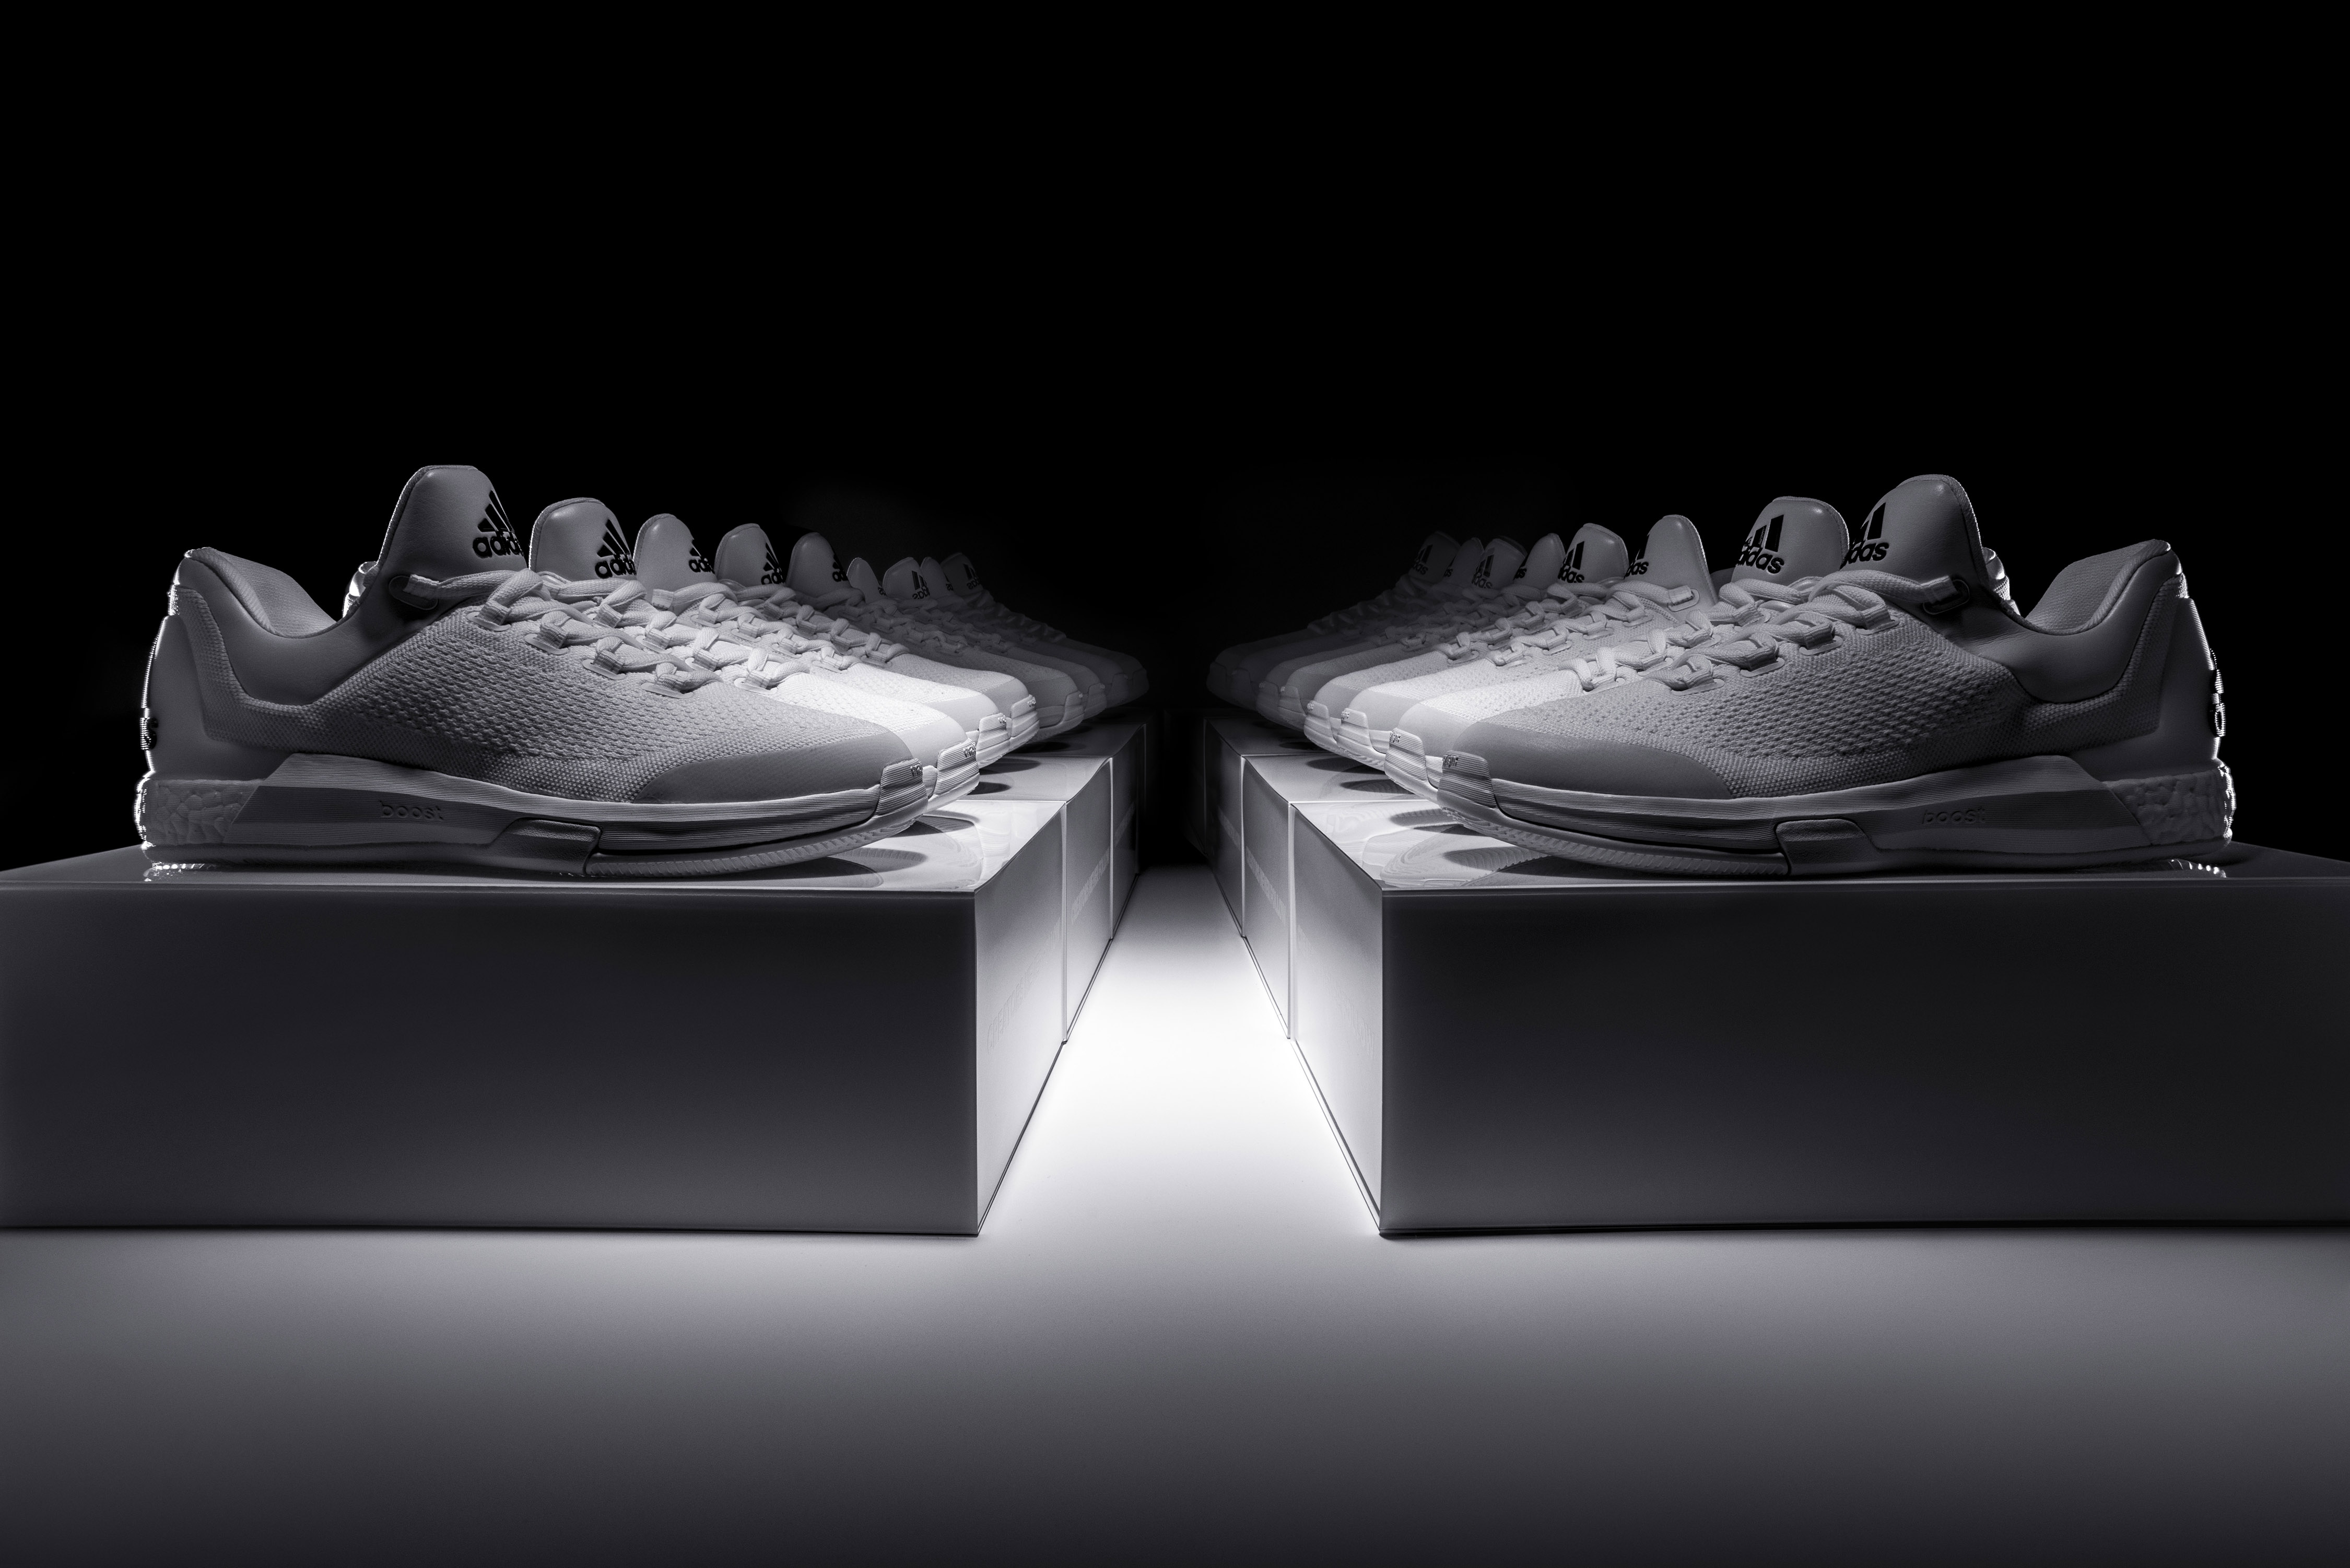 newest 41c67 933ba La adidas Crazylight Boost de James Harden limitée à 100 exemplaires